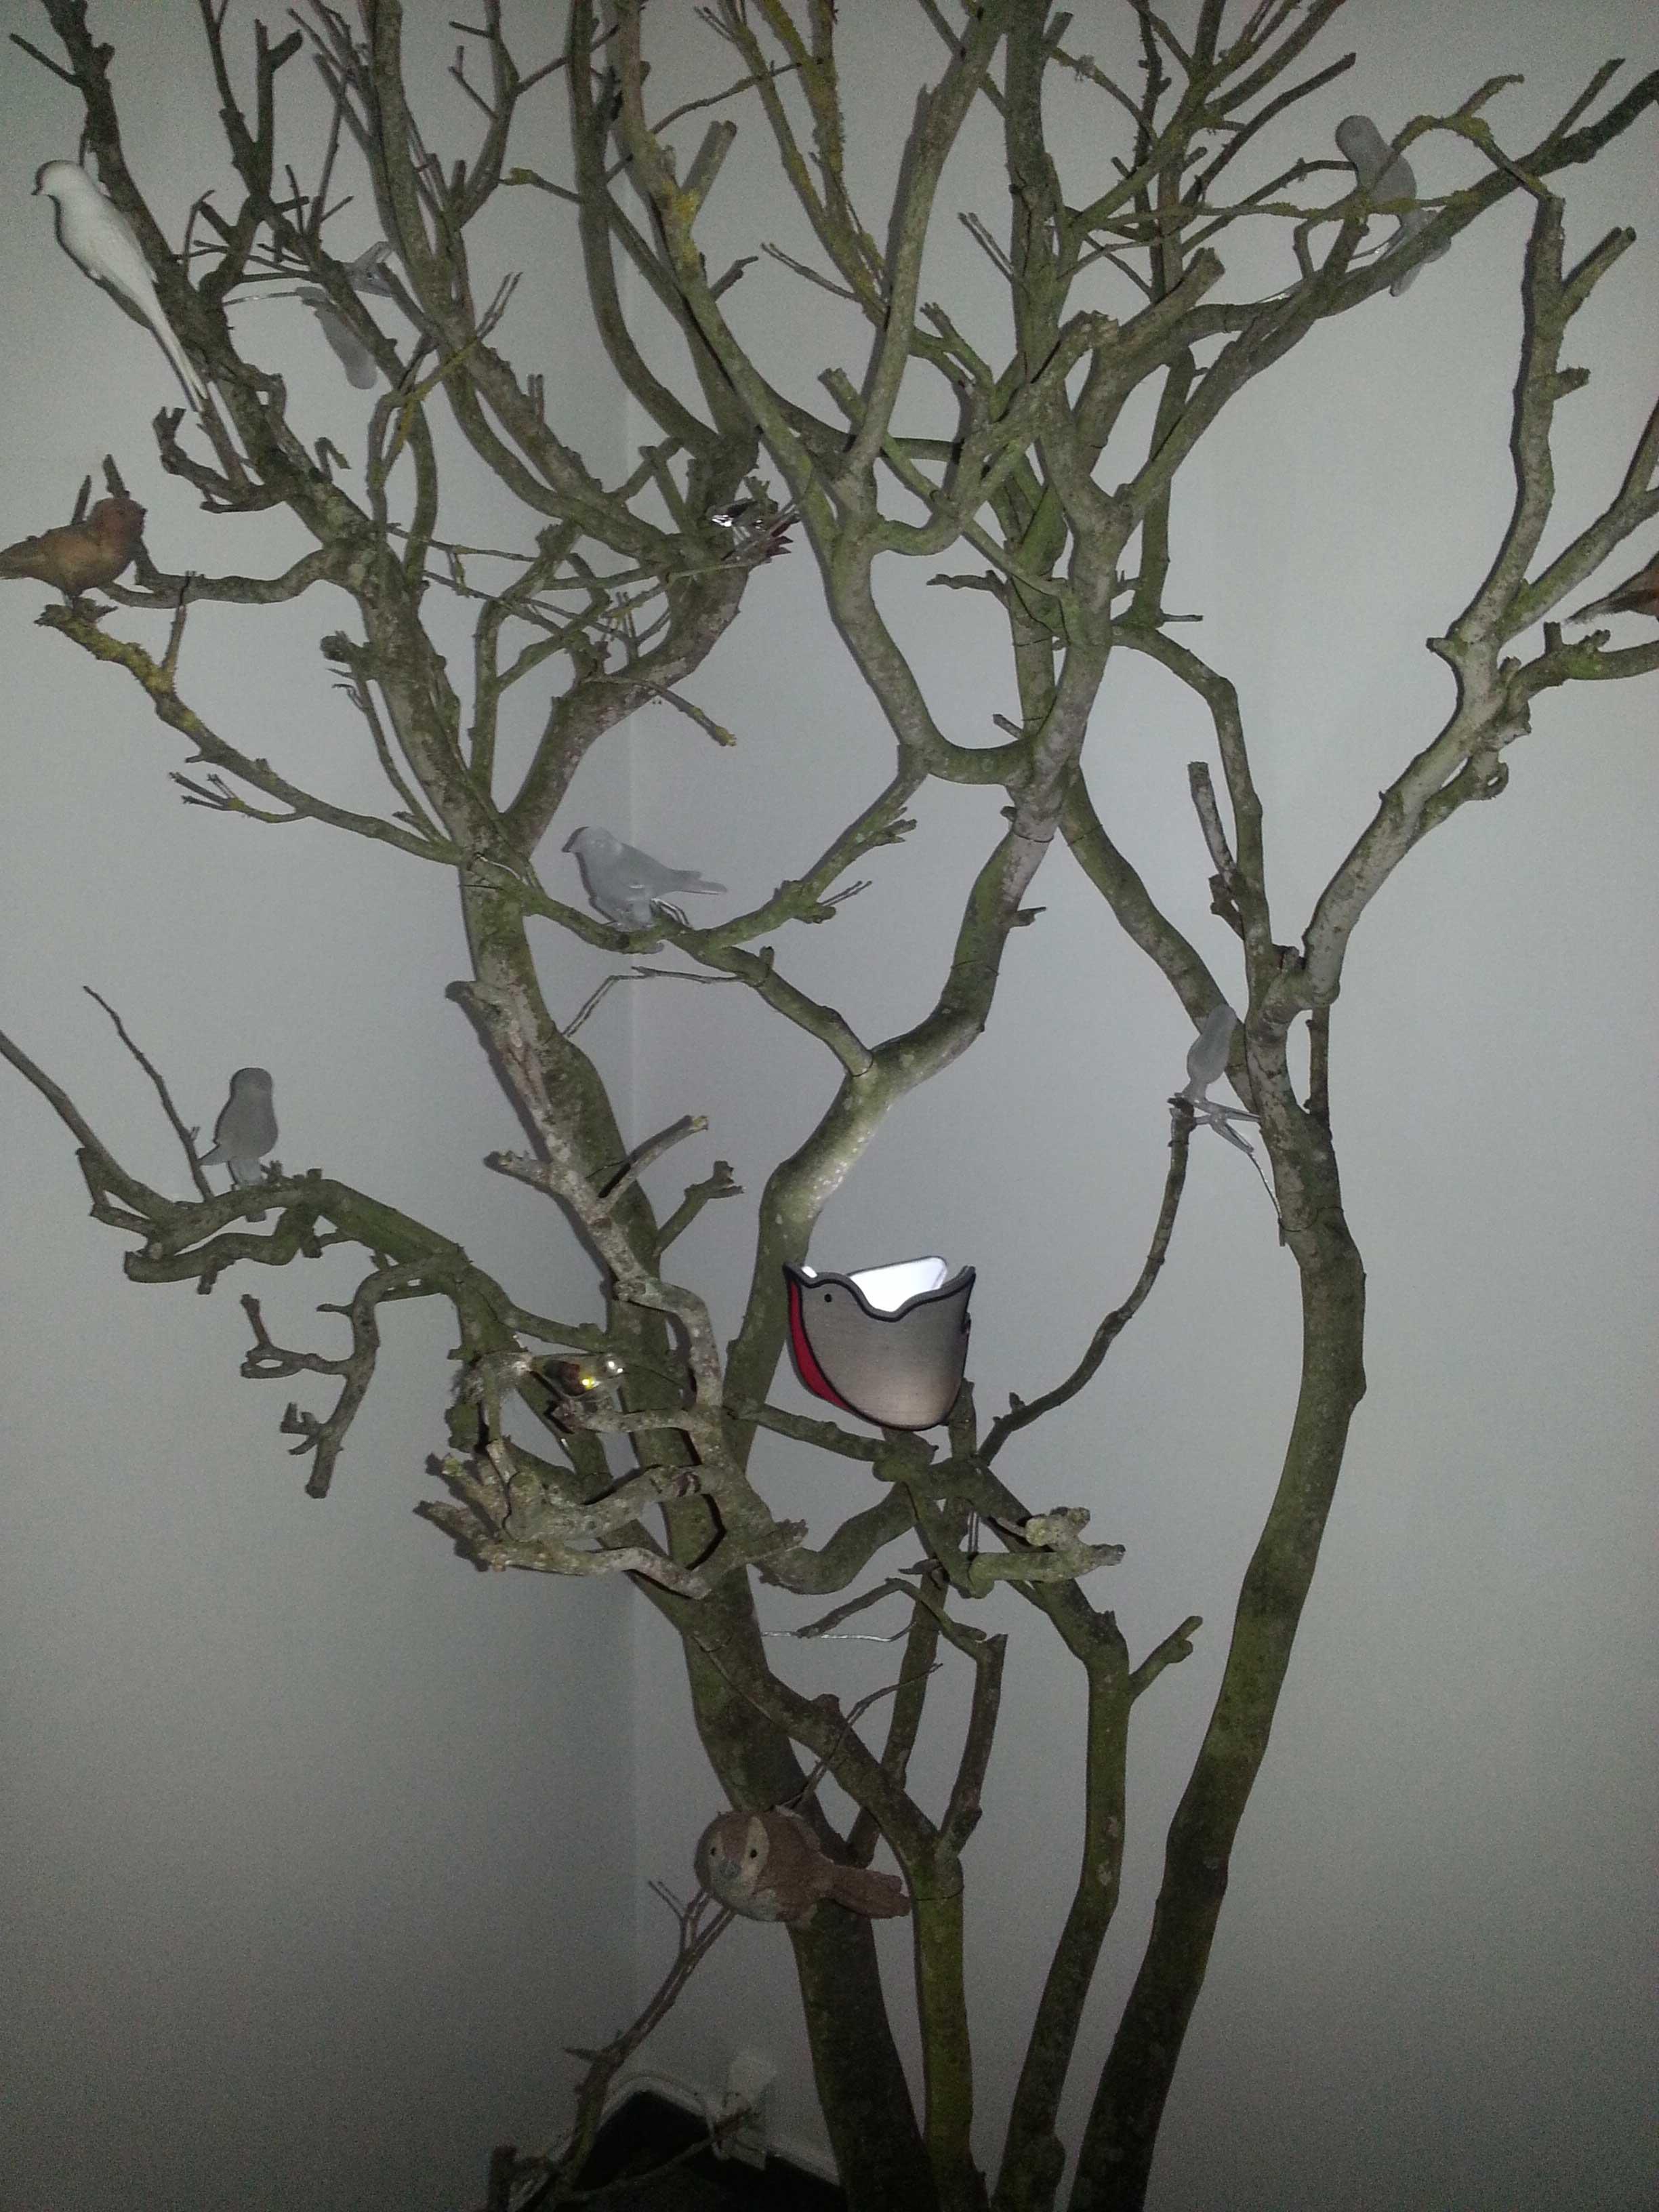 L'oiseau-dans-son-arbre